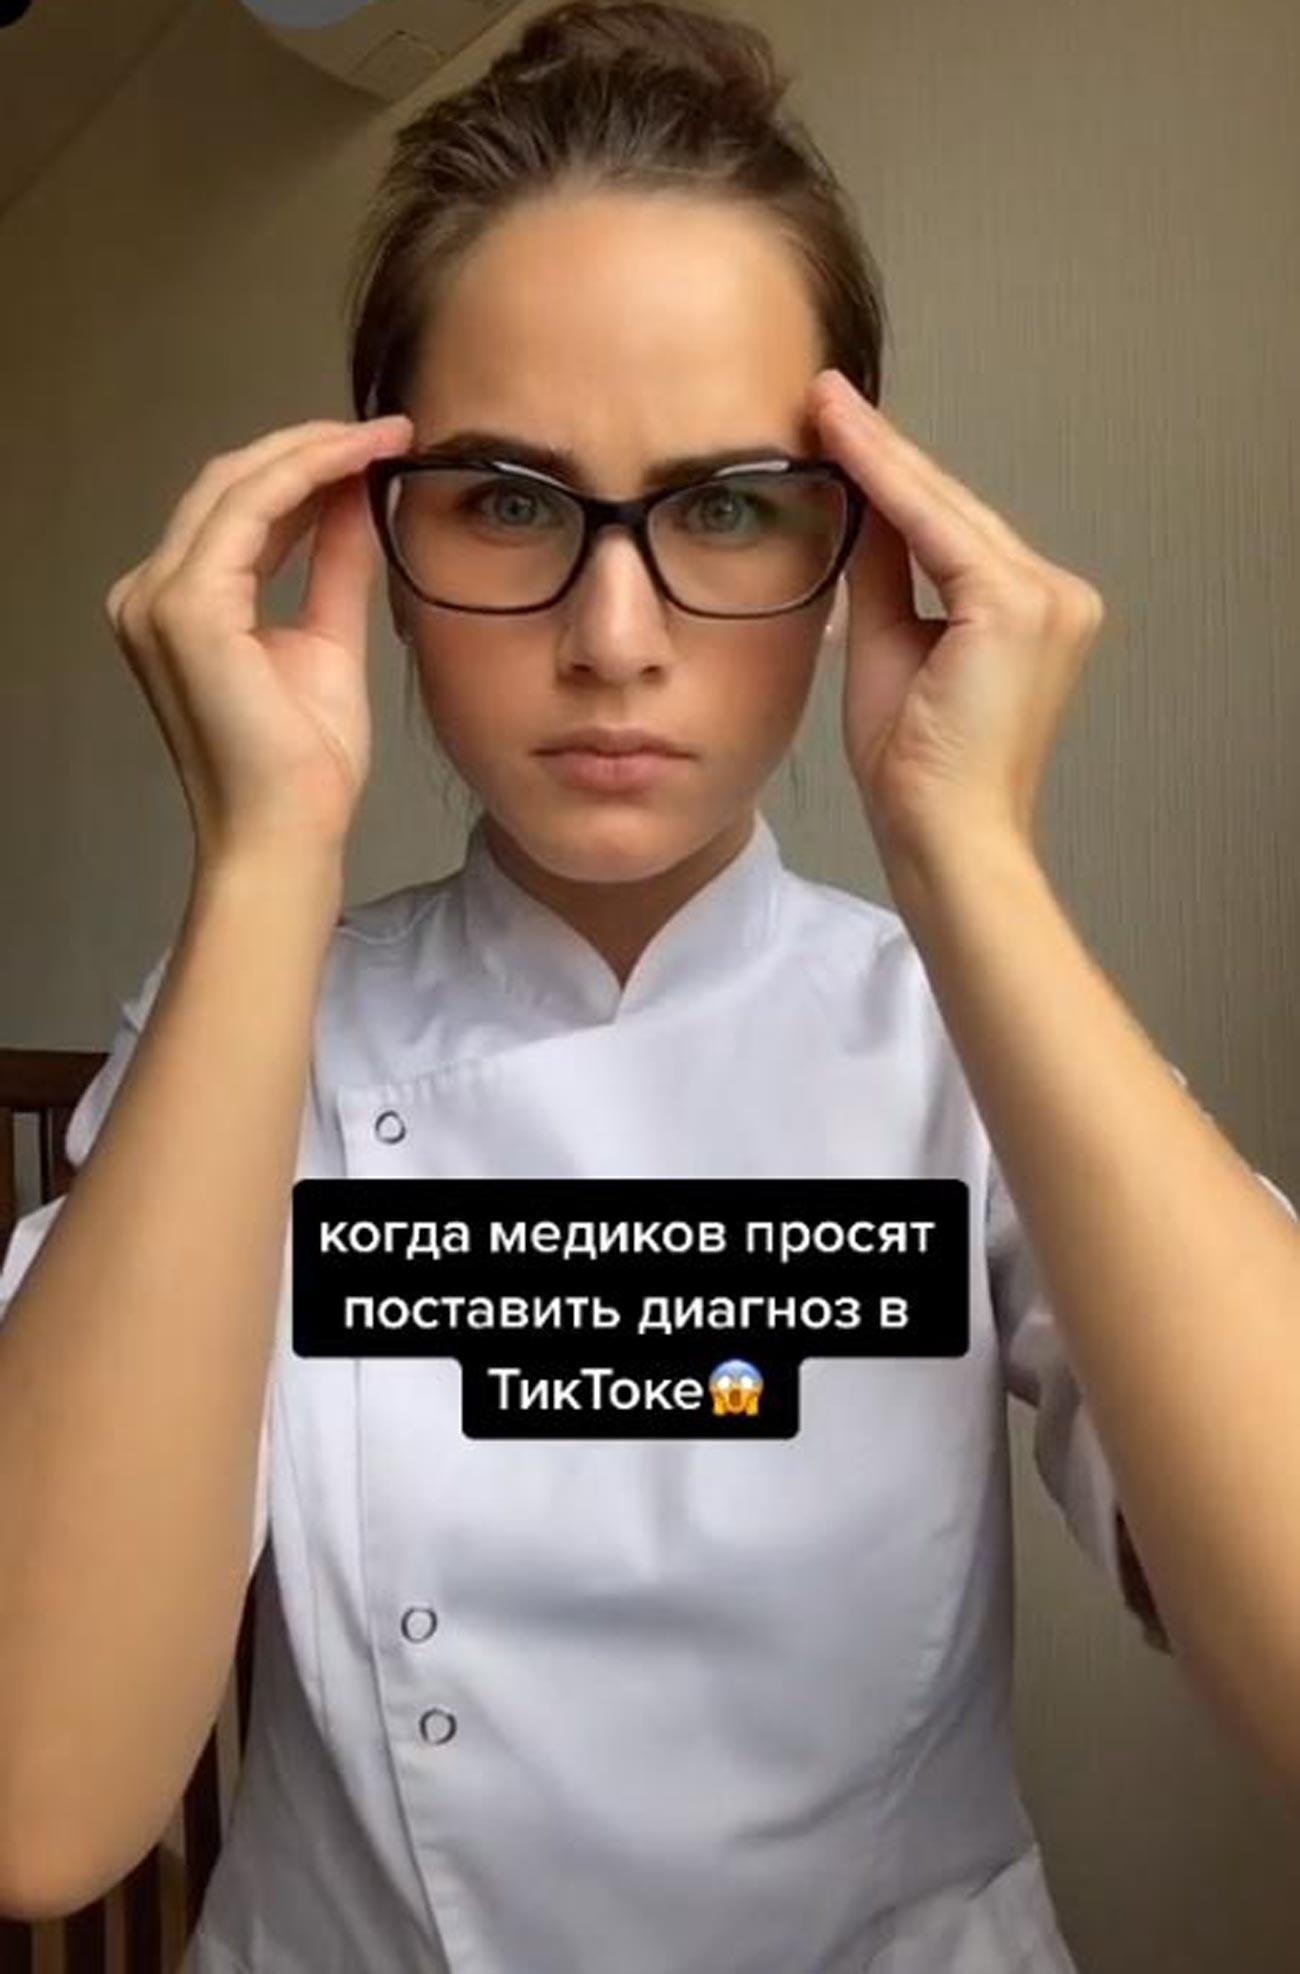 Lina Alekseeva